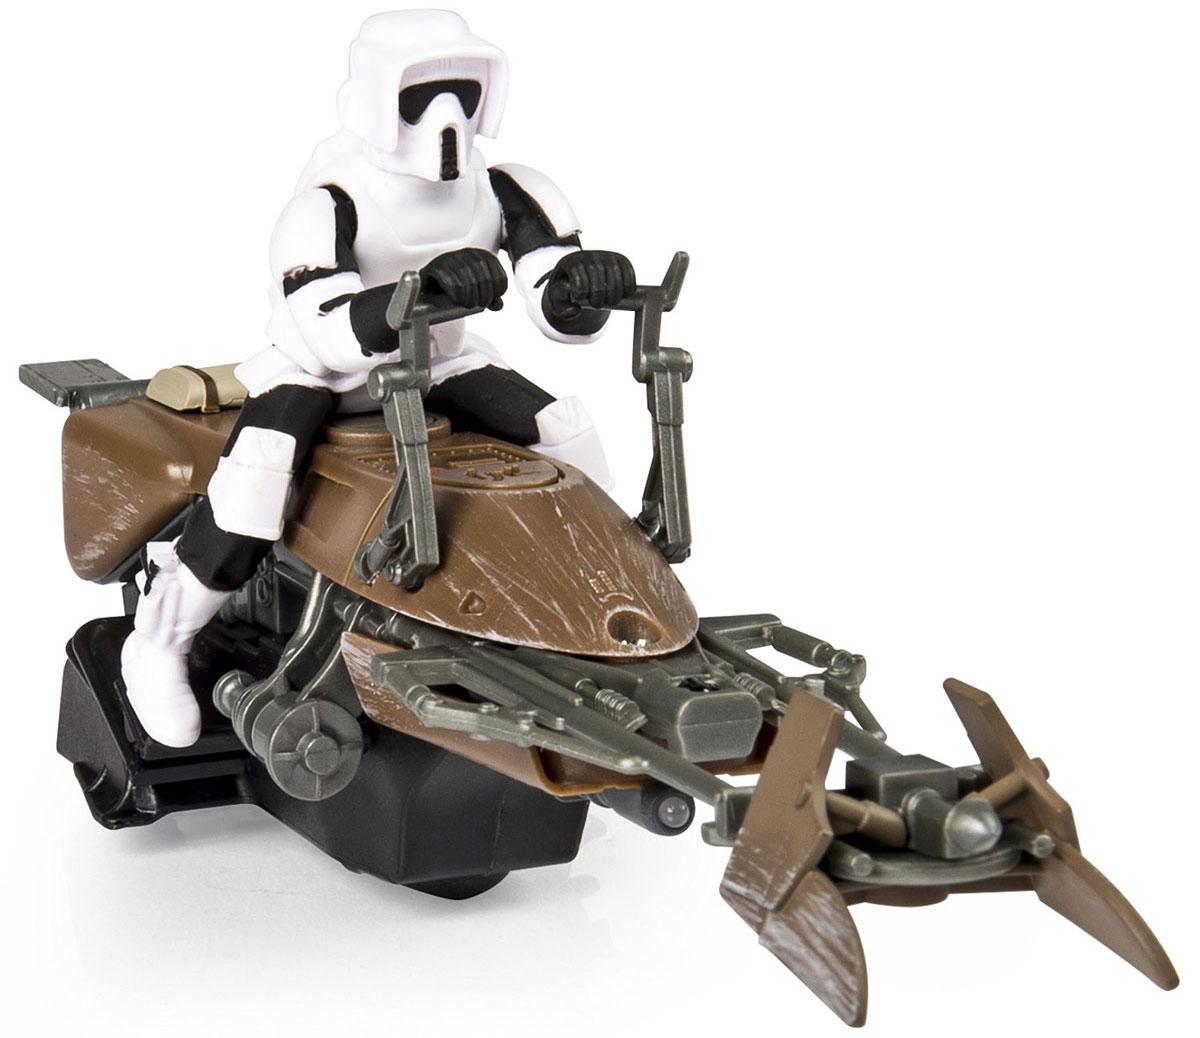 Star Wars Игрушка на радиоуправлении Скоростной байк44546Игрушка на радиоуправлении Star Wars Скоростной байк непременно порадует юного поклонника всеми любимой саги Звездные Войны. Корпус игрушки ударопрочный. Игрушка выполнена в форме летающего байка Империи из вселенной Звездных Войн. За рулем байка - имперский штурмовик. Для работы игрушки необходимы 3 батарейки типа ААА (не входят в комплект). Для работы пульта управления необходимы 3 батарейки типа ААА (не входят в комплект).